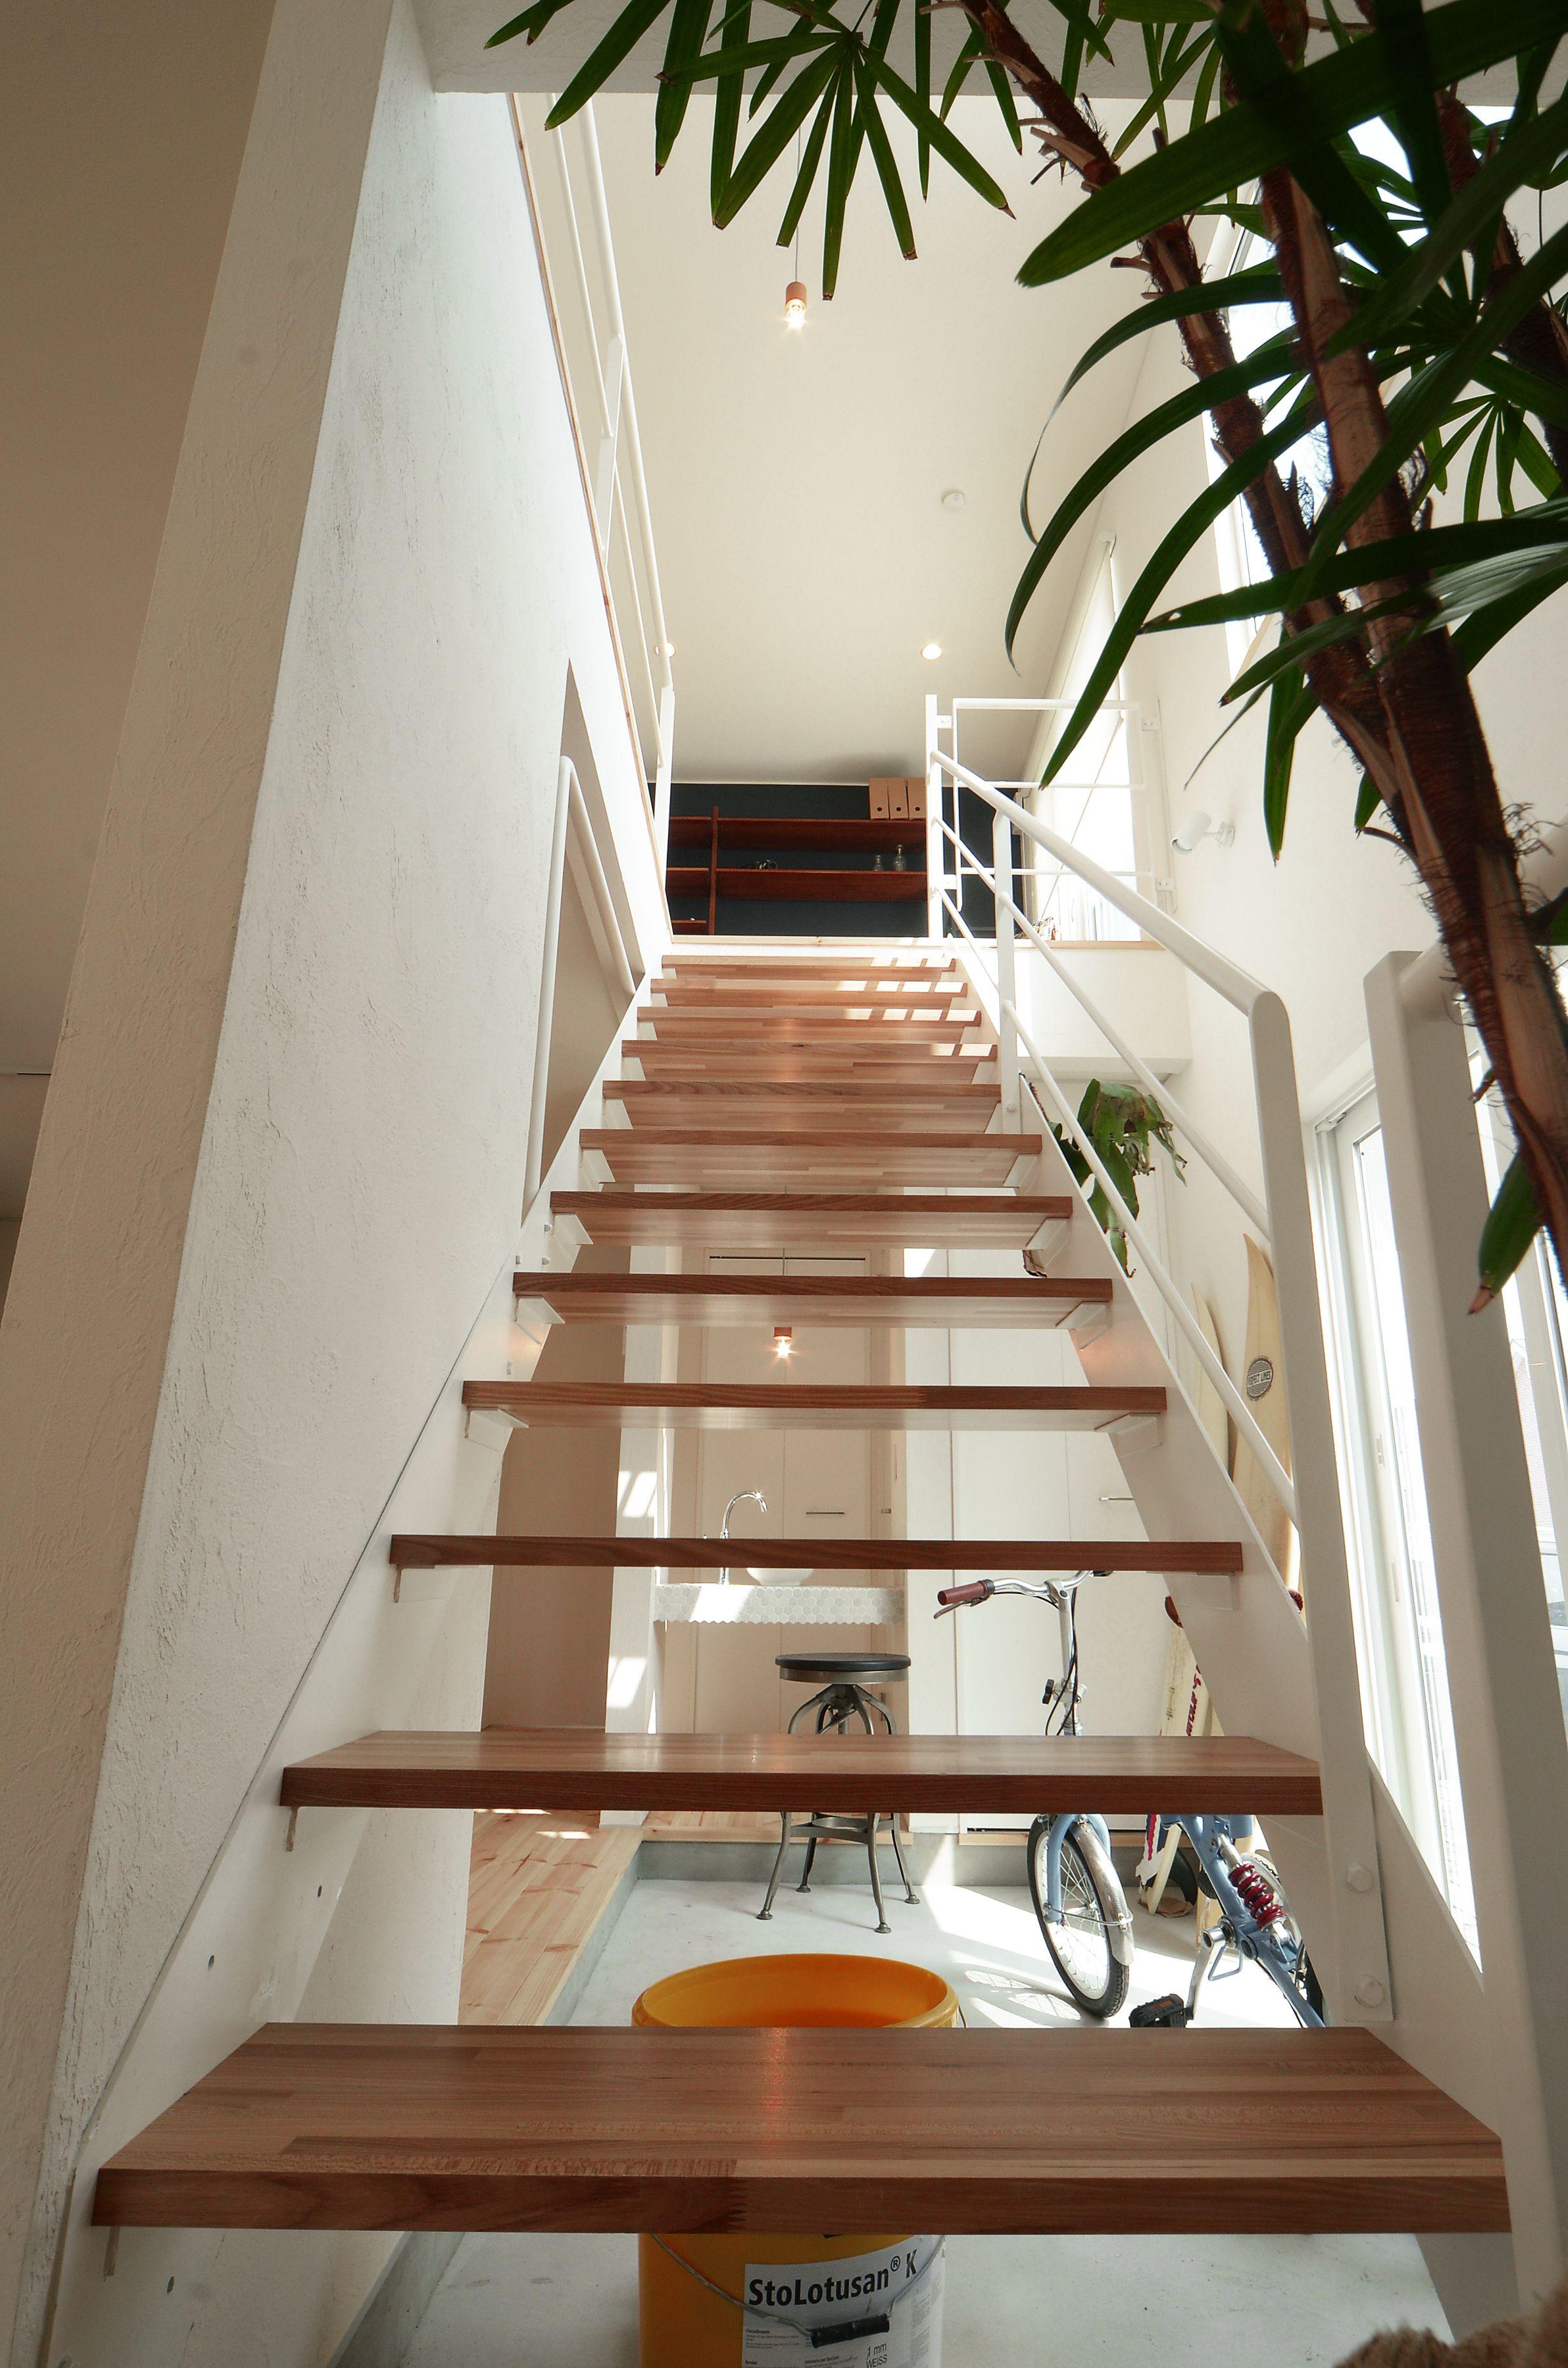 隔たりを無くすことで 2階からの光が1階へ お家全体を明るく